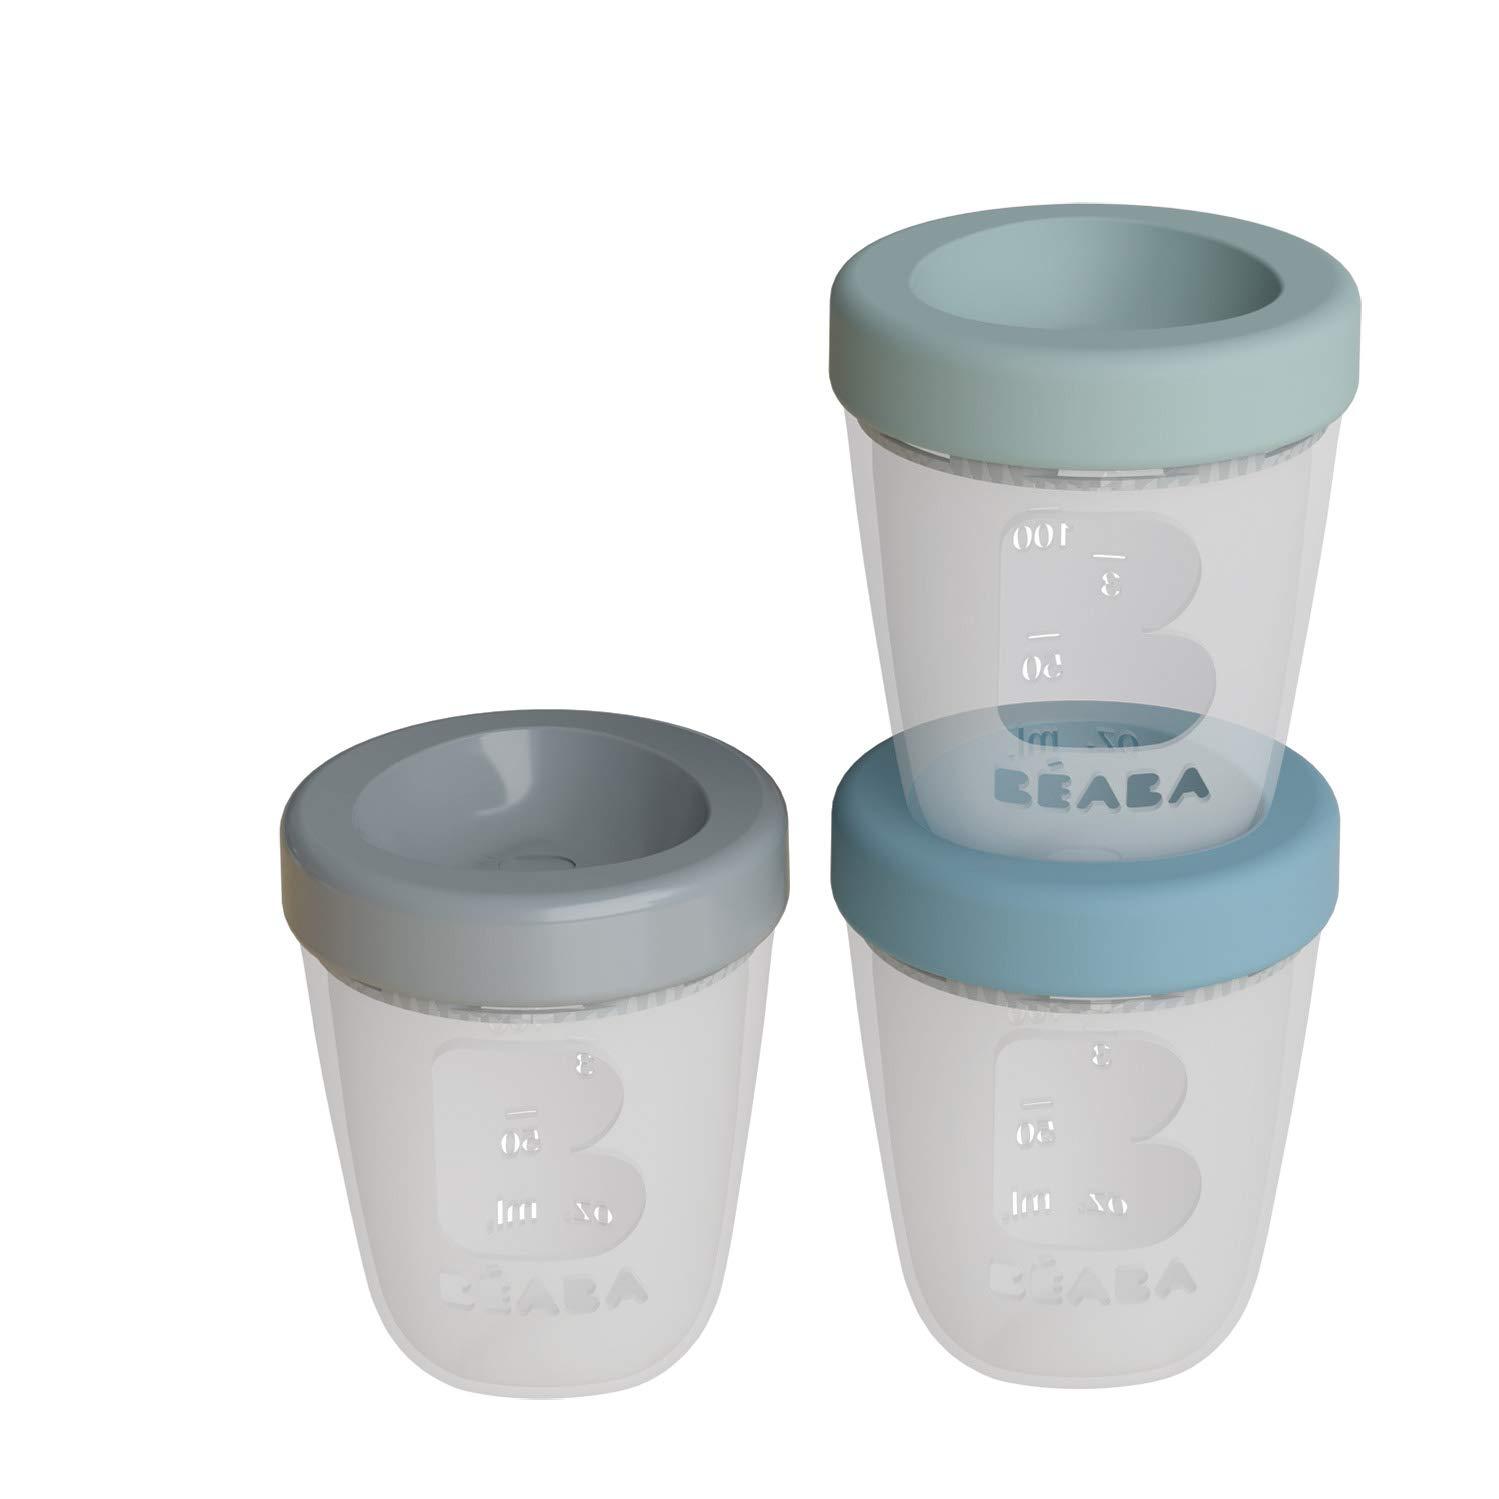 100/% luftdicht B/éaba Set mit 3 Portionen f/ür Babynahrung aus Silikon Skala Aufbewahrung Mikrowellengeeignet stapelbar und stapelbar 200 ml Motiv Dschungel Einfrieren Auftauen